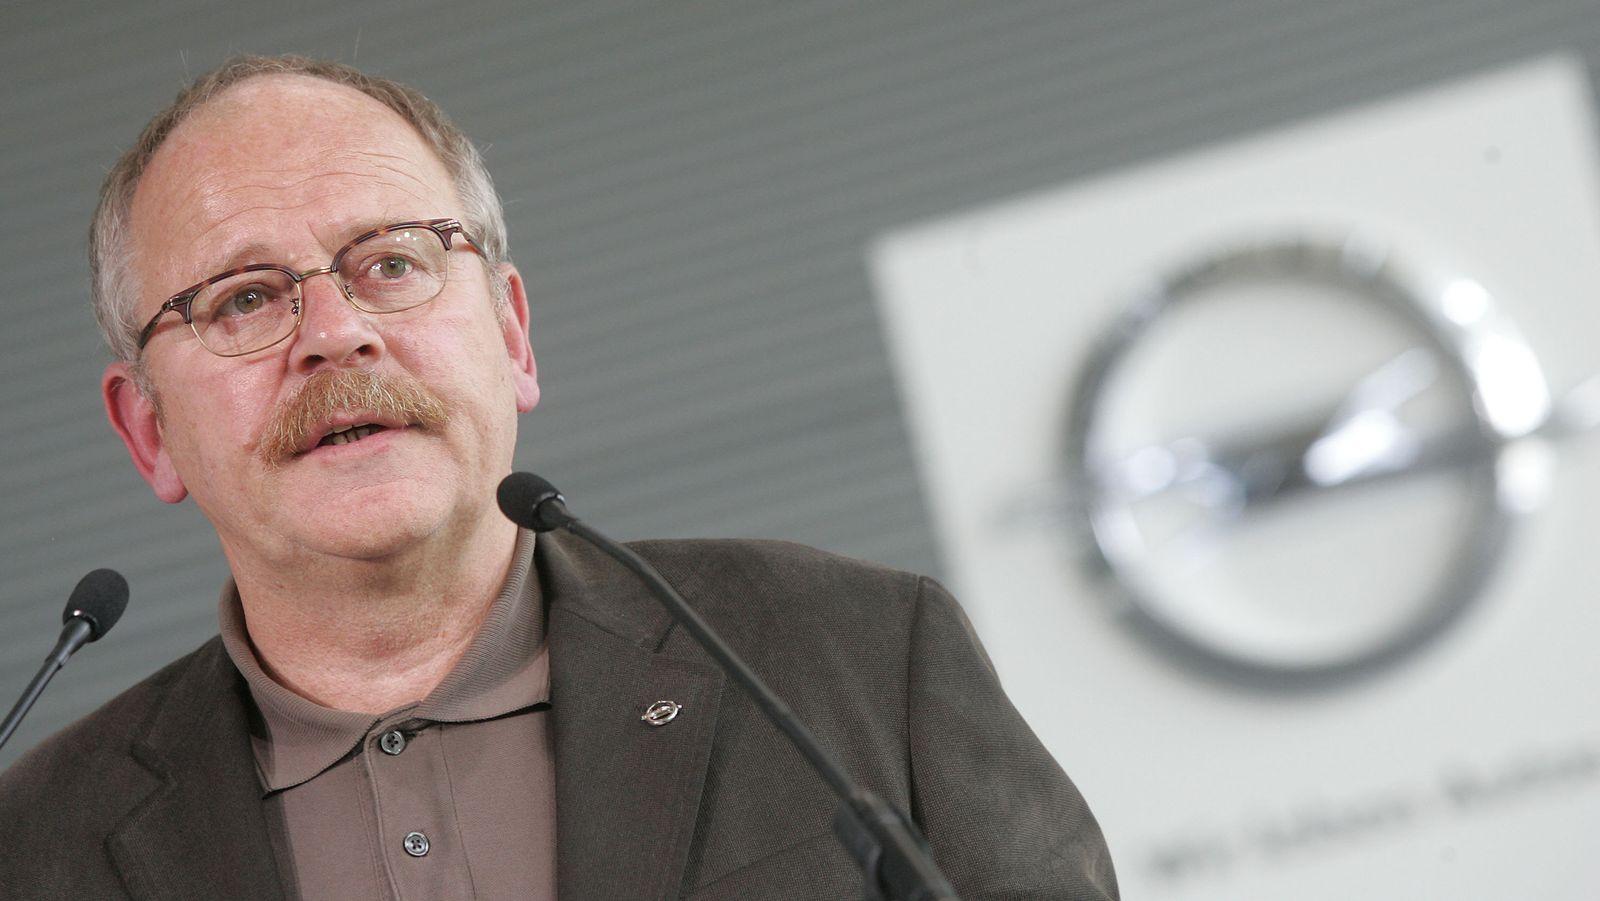 NICHT VERWENDEN Opel Klaus Franz